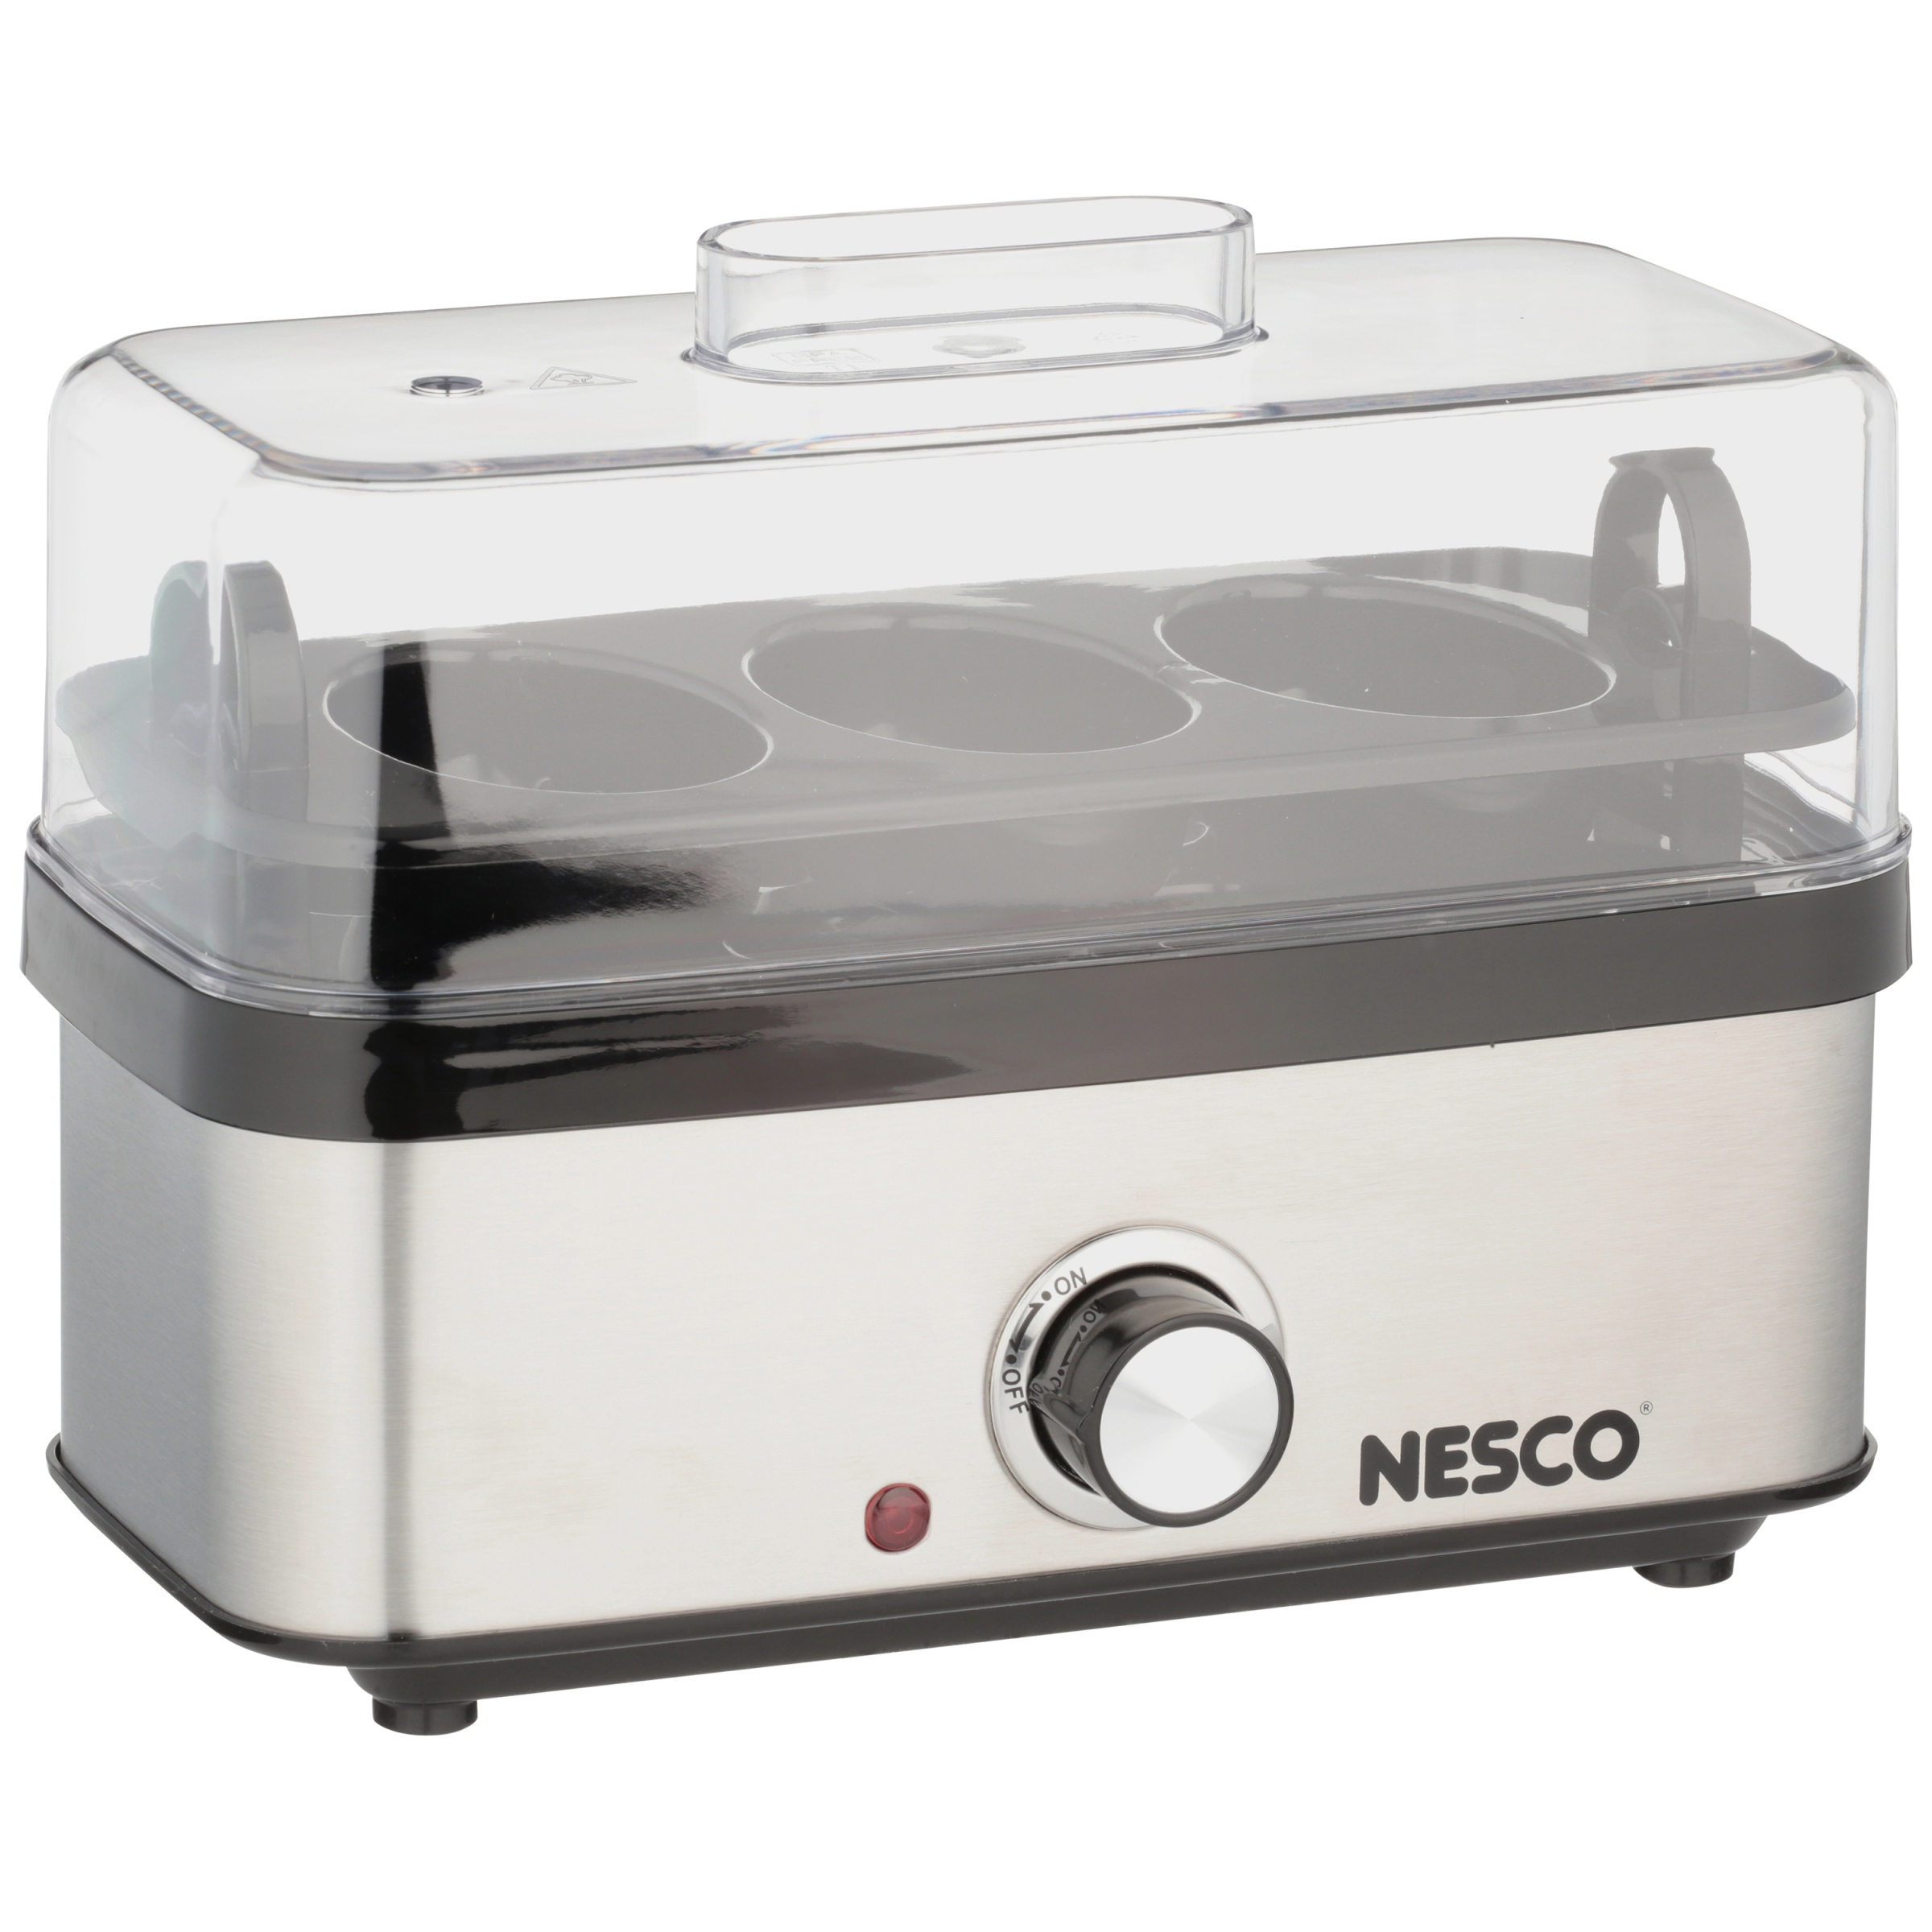 Nesco EC-10 Egg Cooker